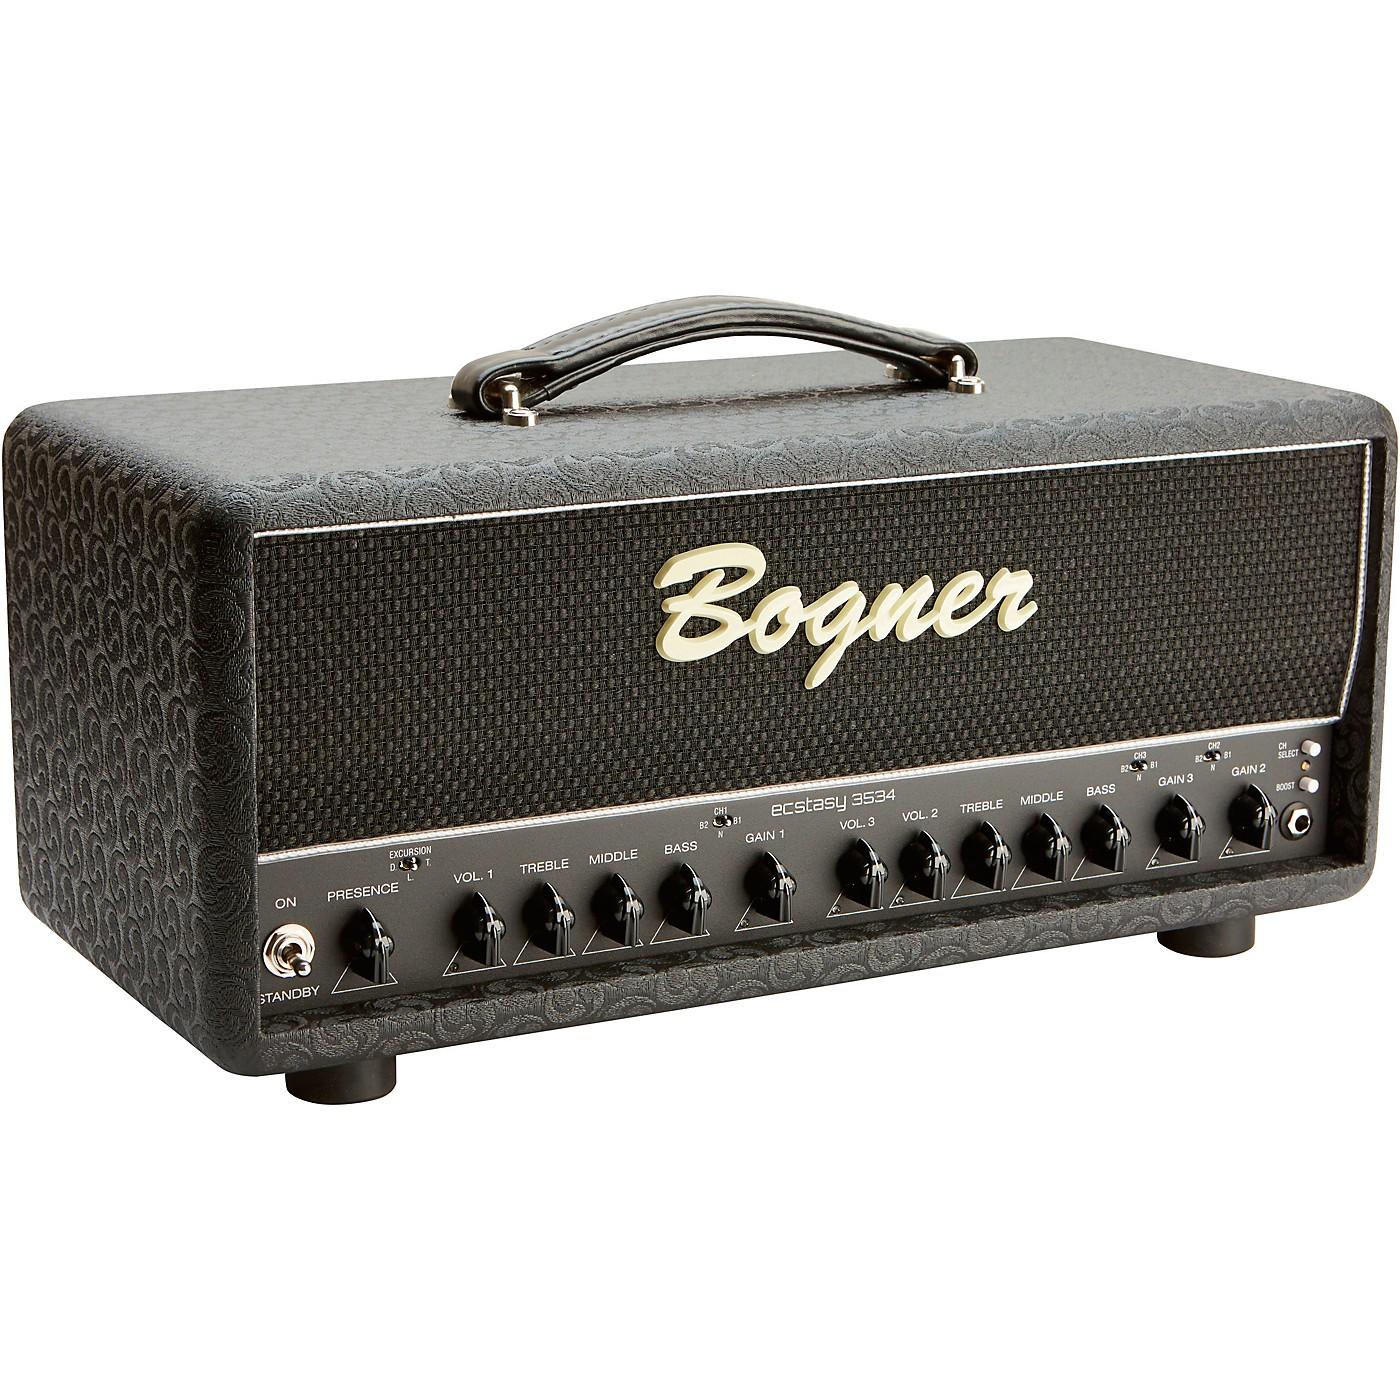 Bogner Ecstasy 3534 35W Tube Guitar Amp Head thumbnail